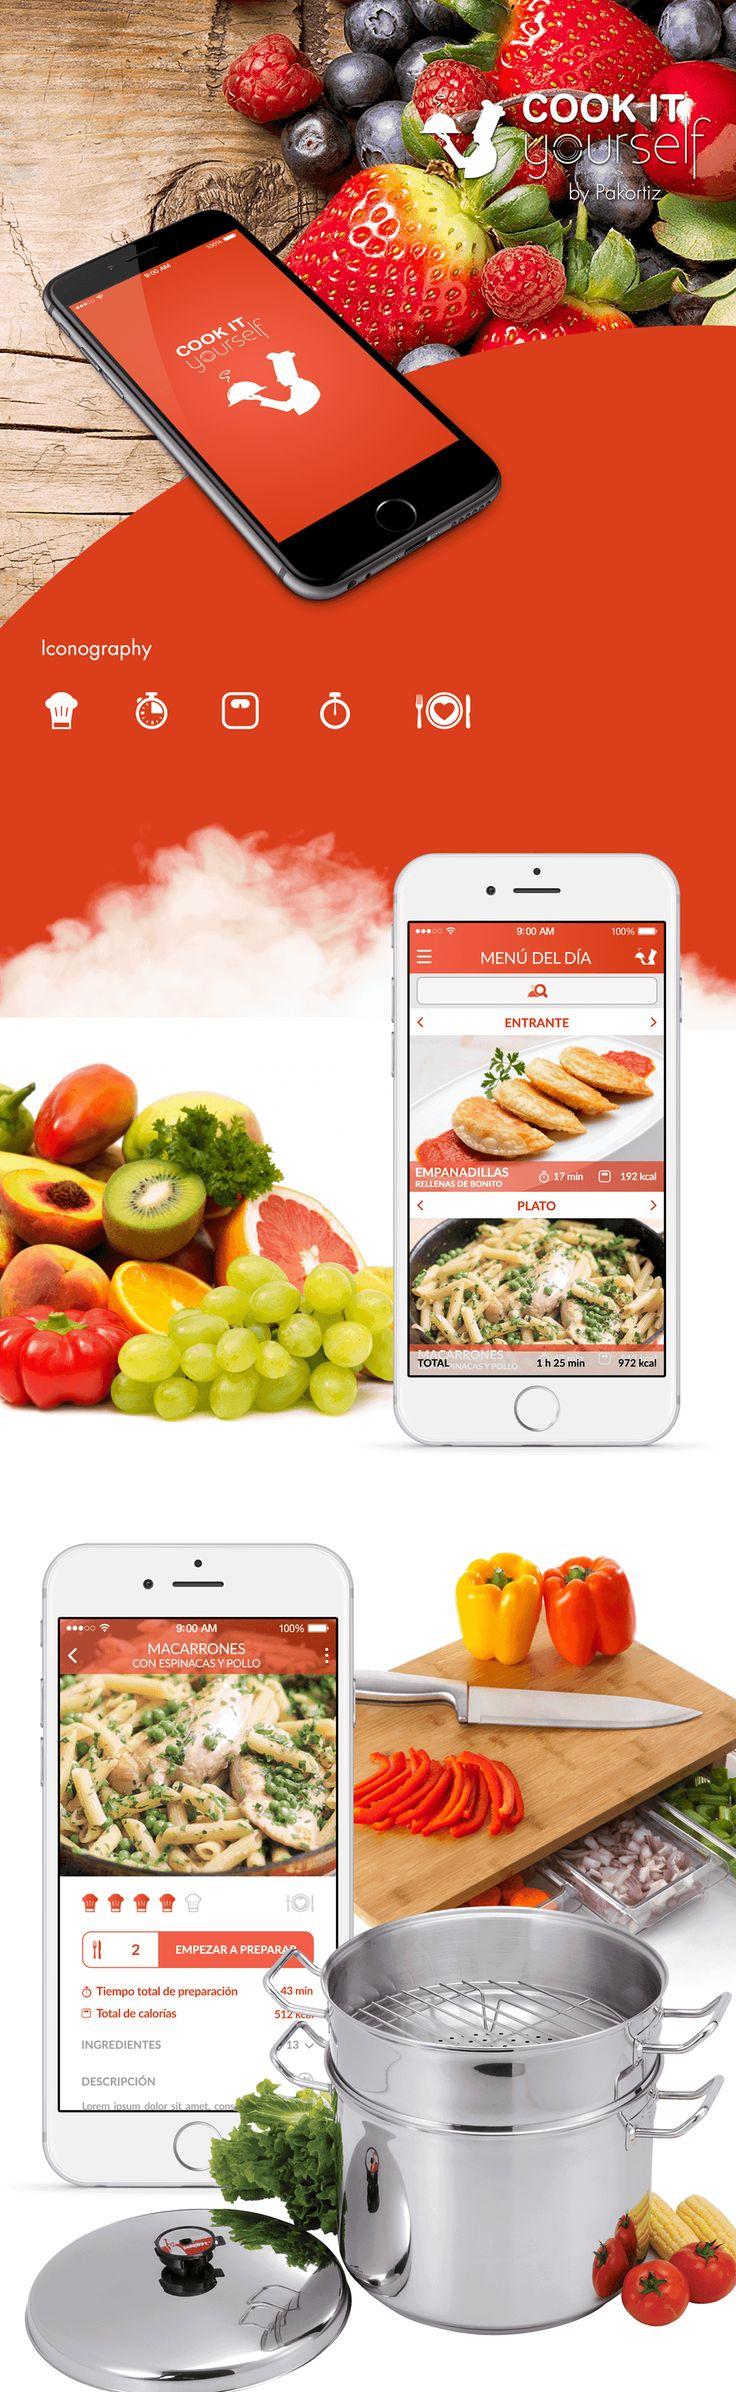 UX/UI Design app Cook it Yourself on Behance